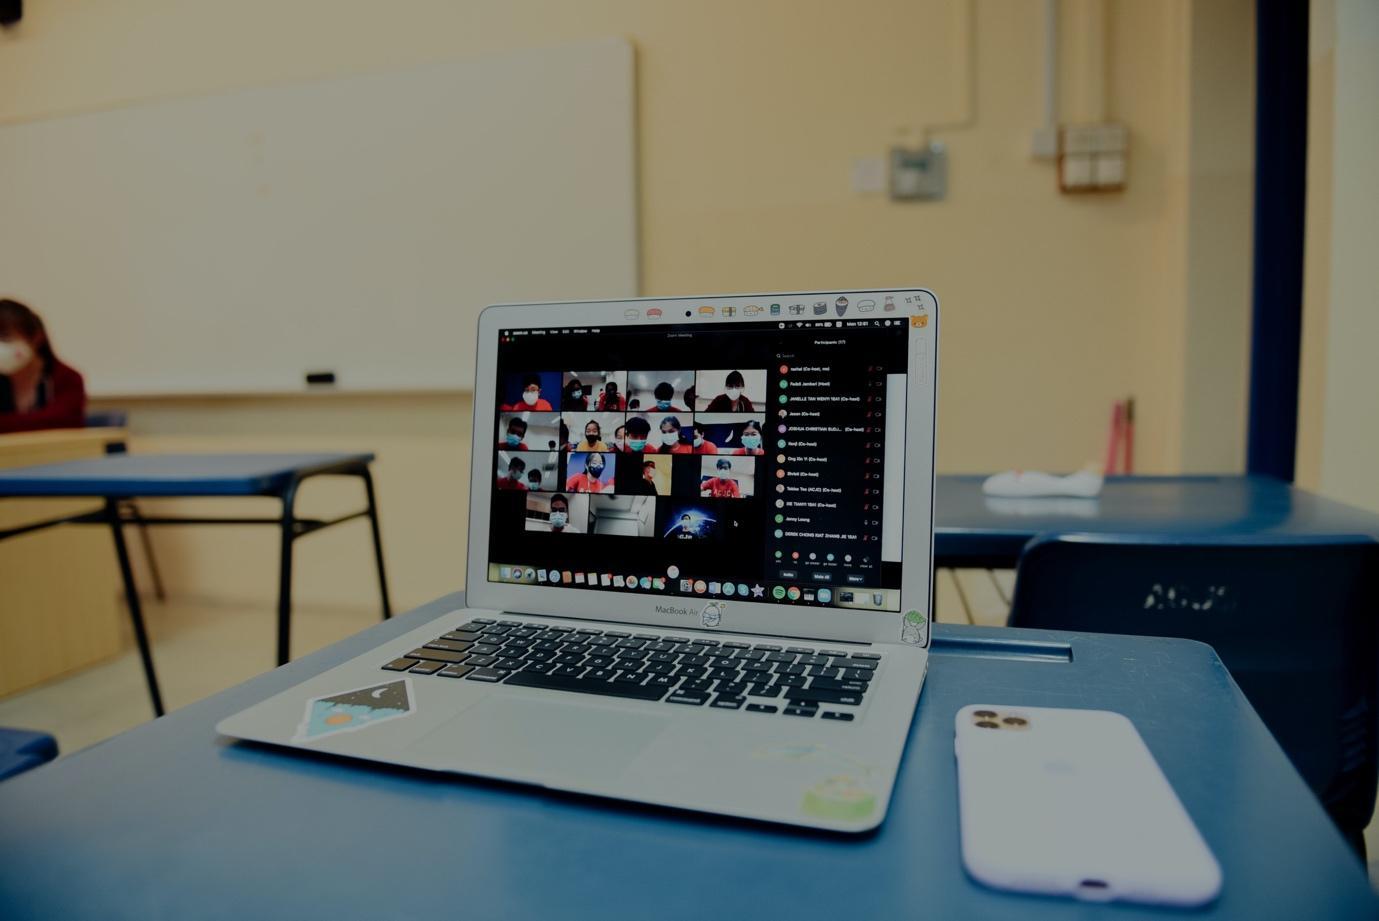 Онлайн-образование может помочь демократизации разрушенной системы